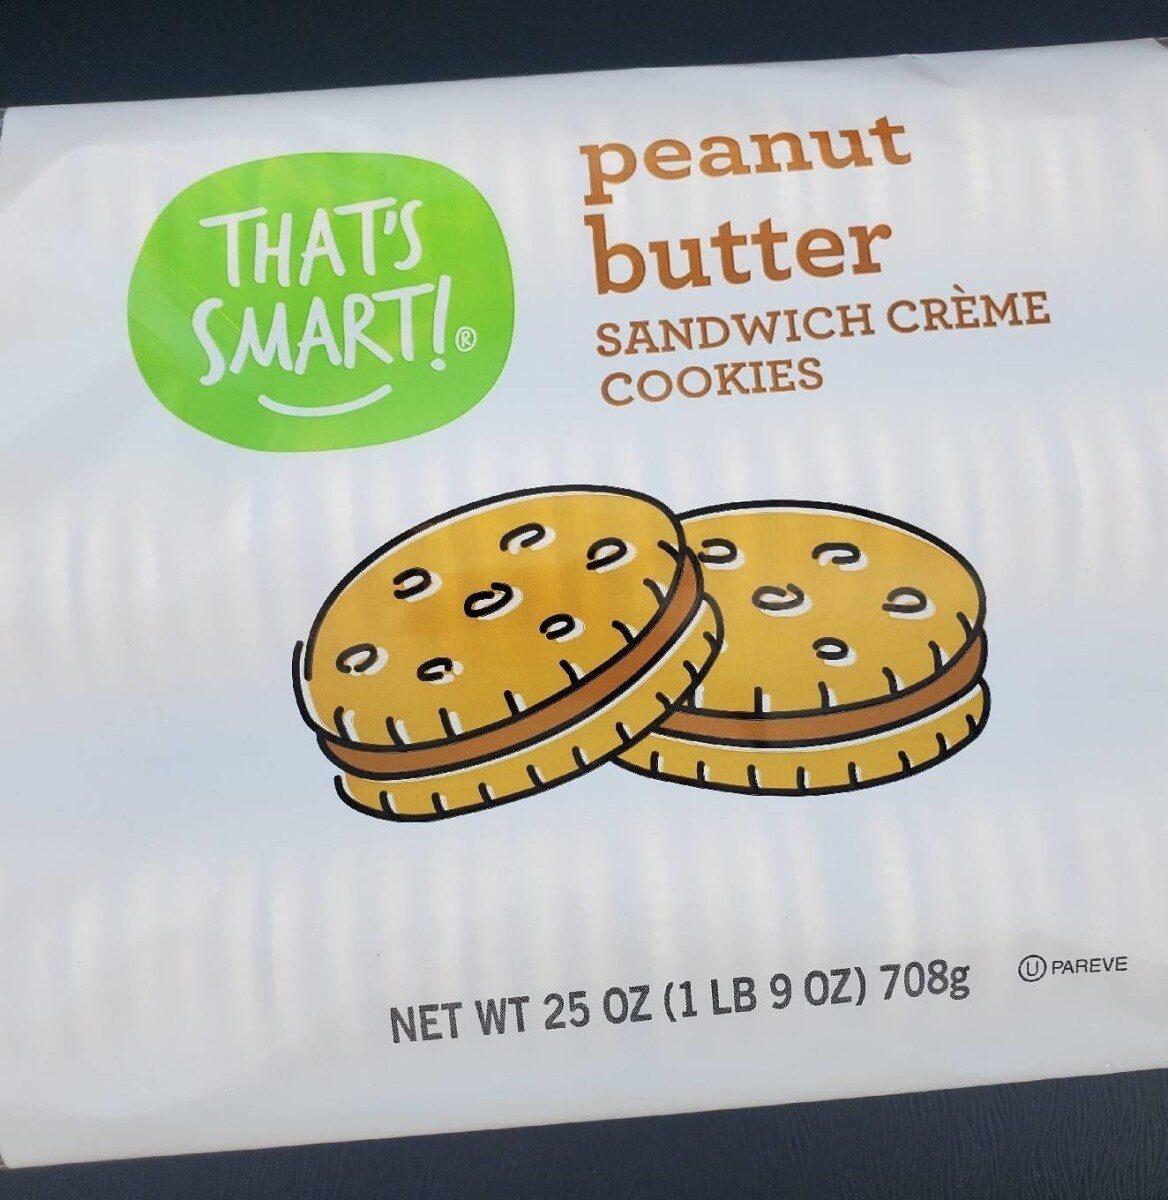 Peanut butter sandwich creme cookies - Product - en